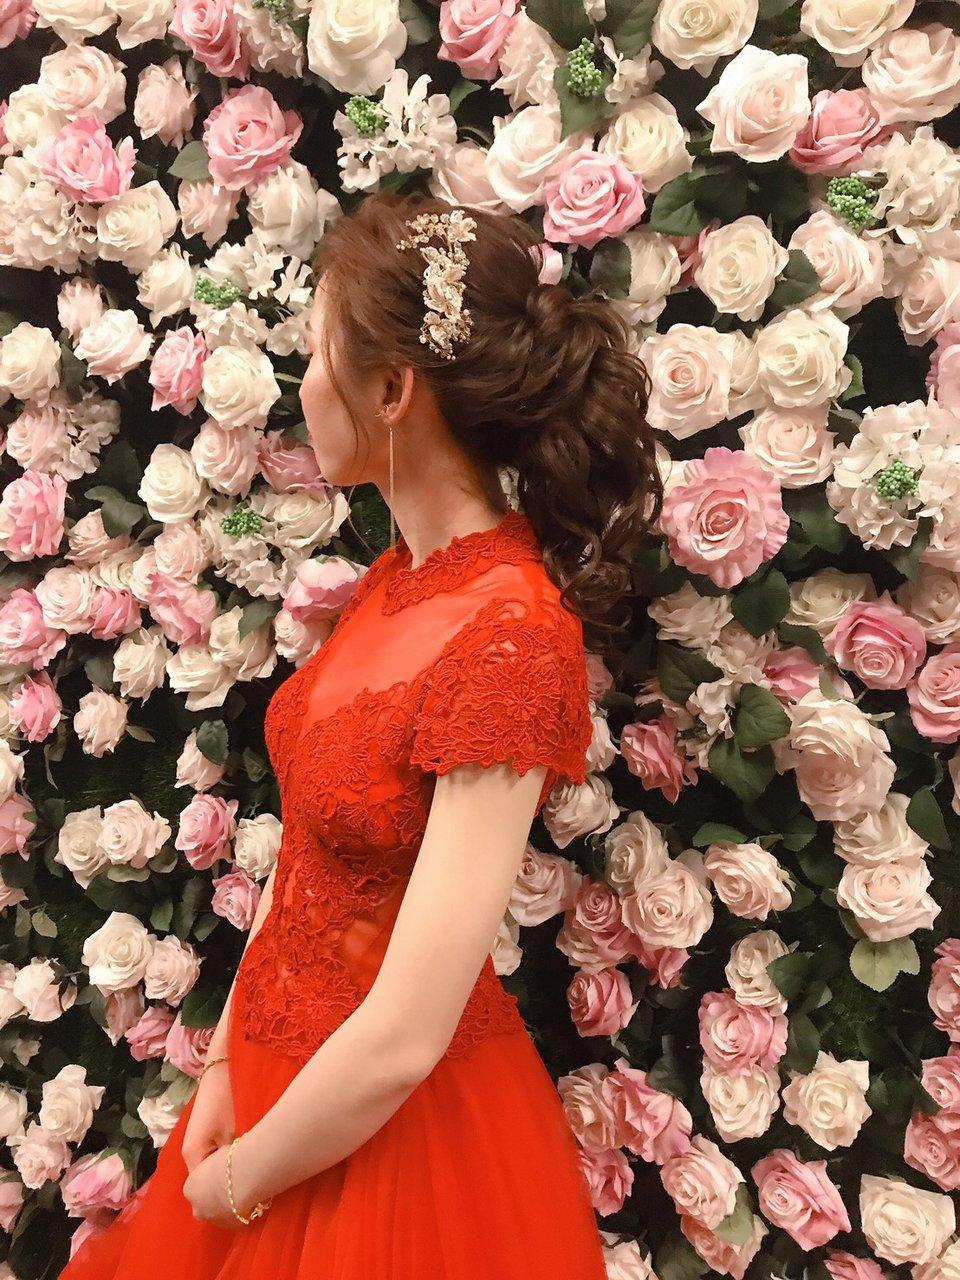 台中豐原新秘鄧芃芃,親切又專業cp值超高的新秘鄧芃芃,選擇她絕對不會讓妳失望👍